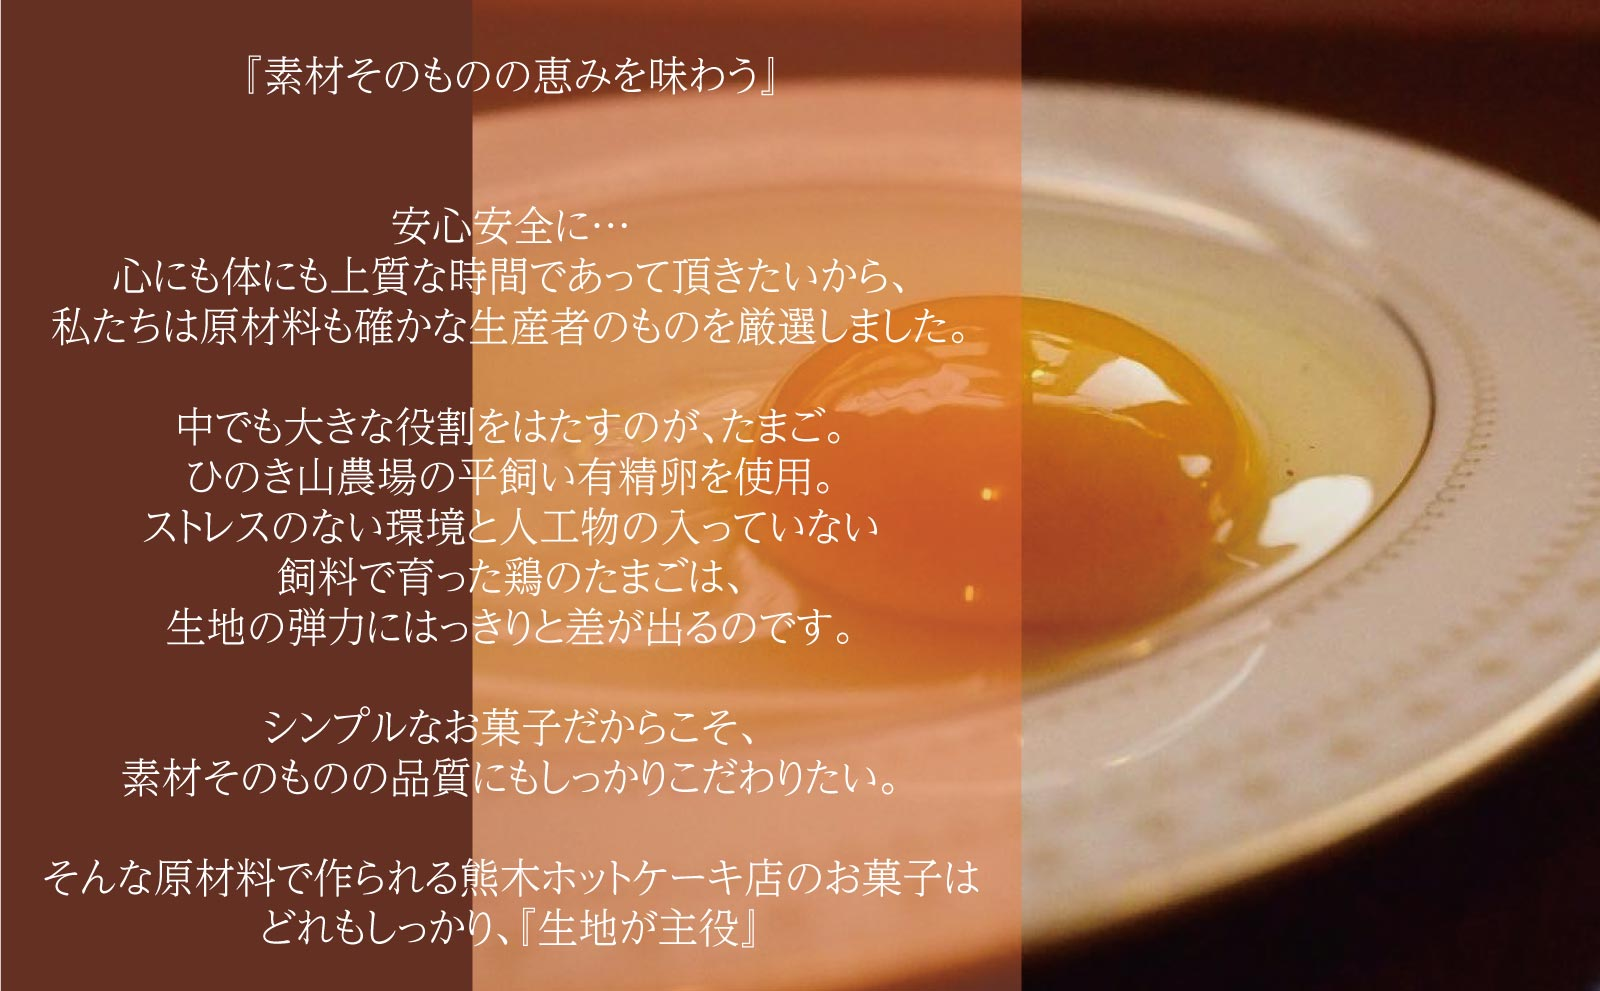 フランス式ホットケーキ4人前(自家製シロップ付き+ ORihonブレンド珈琲セット 100g)